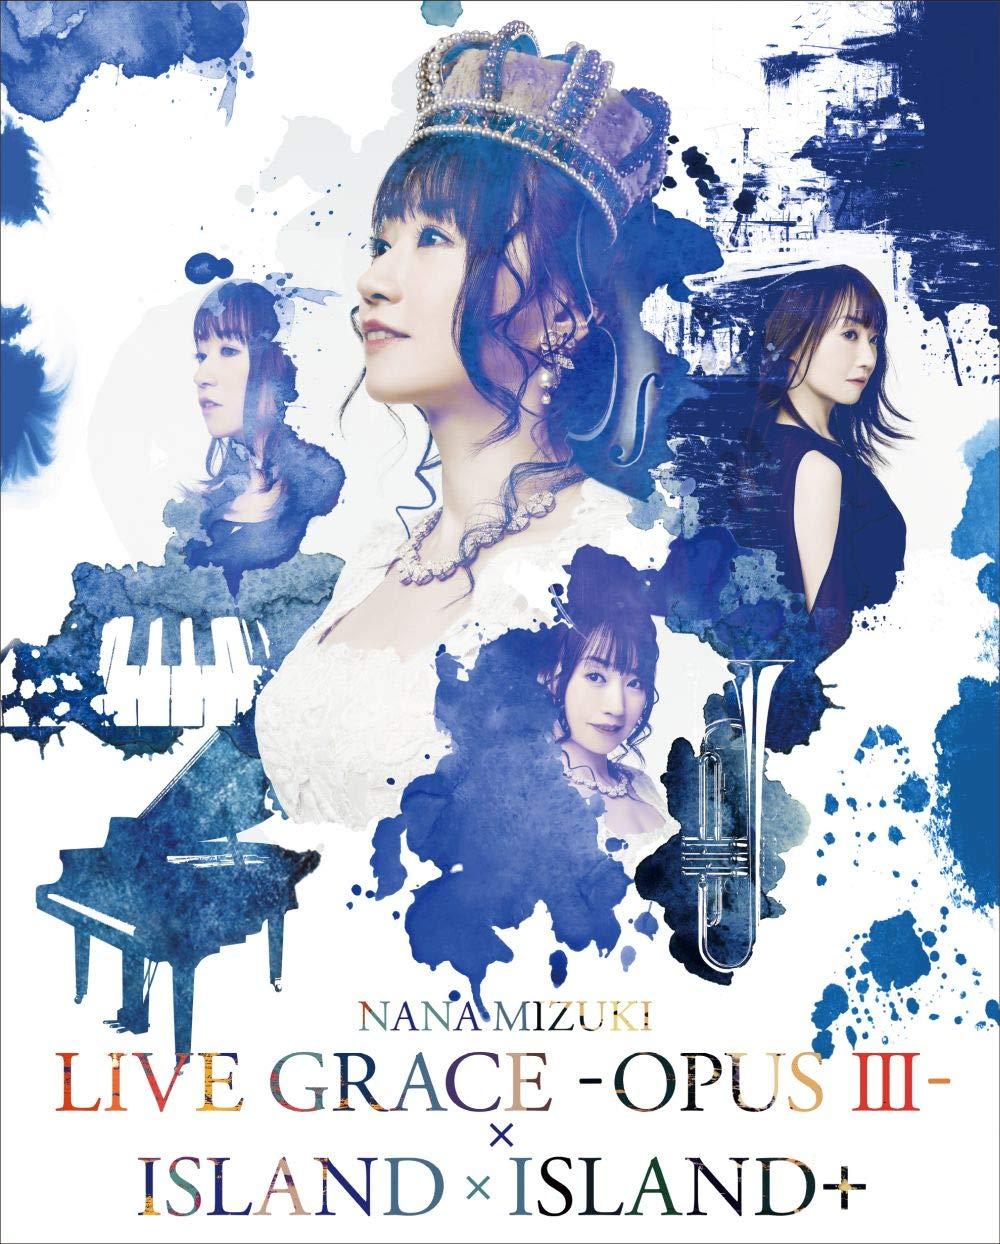 水樹奈々 (Nana Mizuki) – NANA MIZUKI LIVE GRACE -OPUS III- × ISLAND × ISLAND+ (2019) [5xBlu-Ray ISO + MKV 1080P]